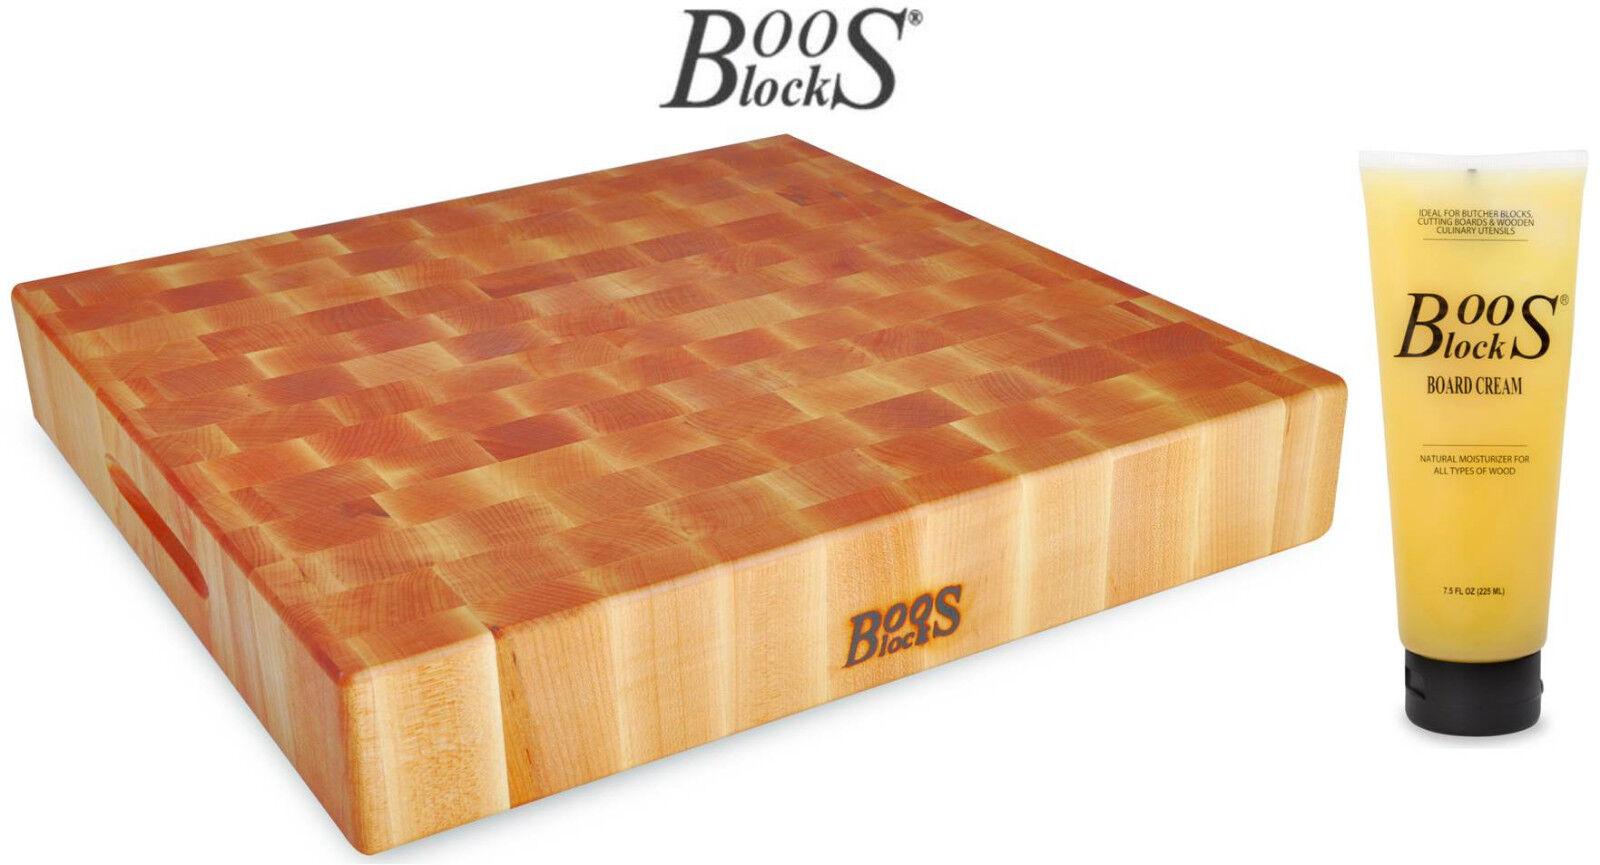 Boos blocco Prep blocco taglio Brett acero 38x38x7,5 cm + Crema per la cura 'bb26